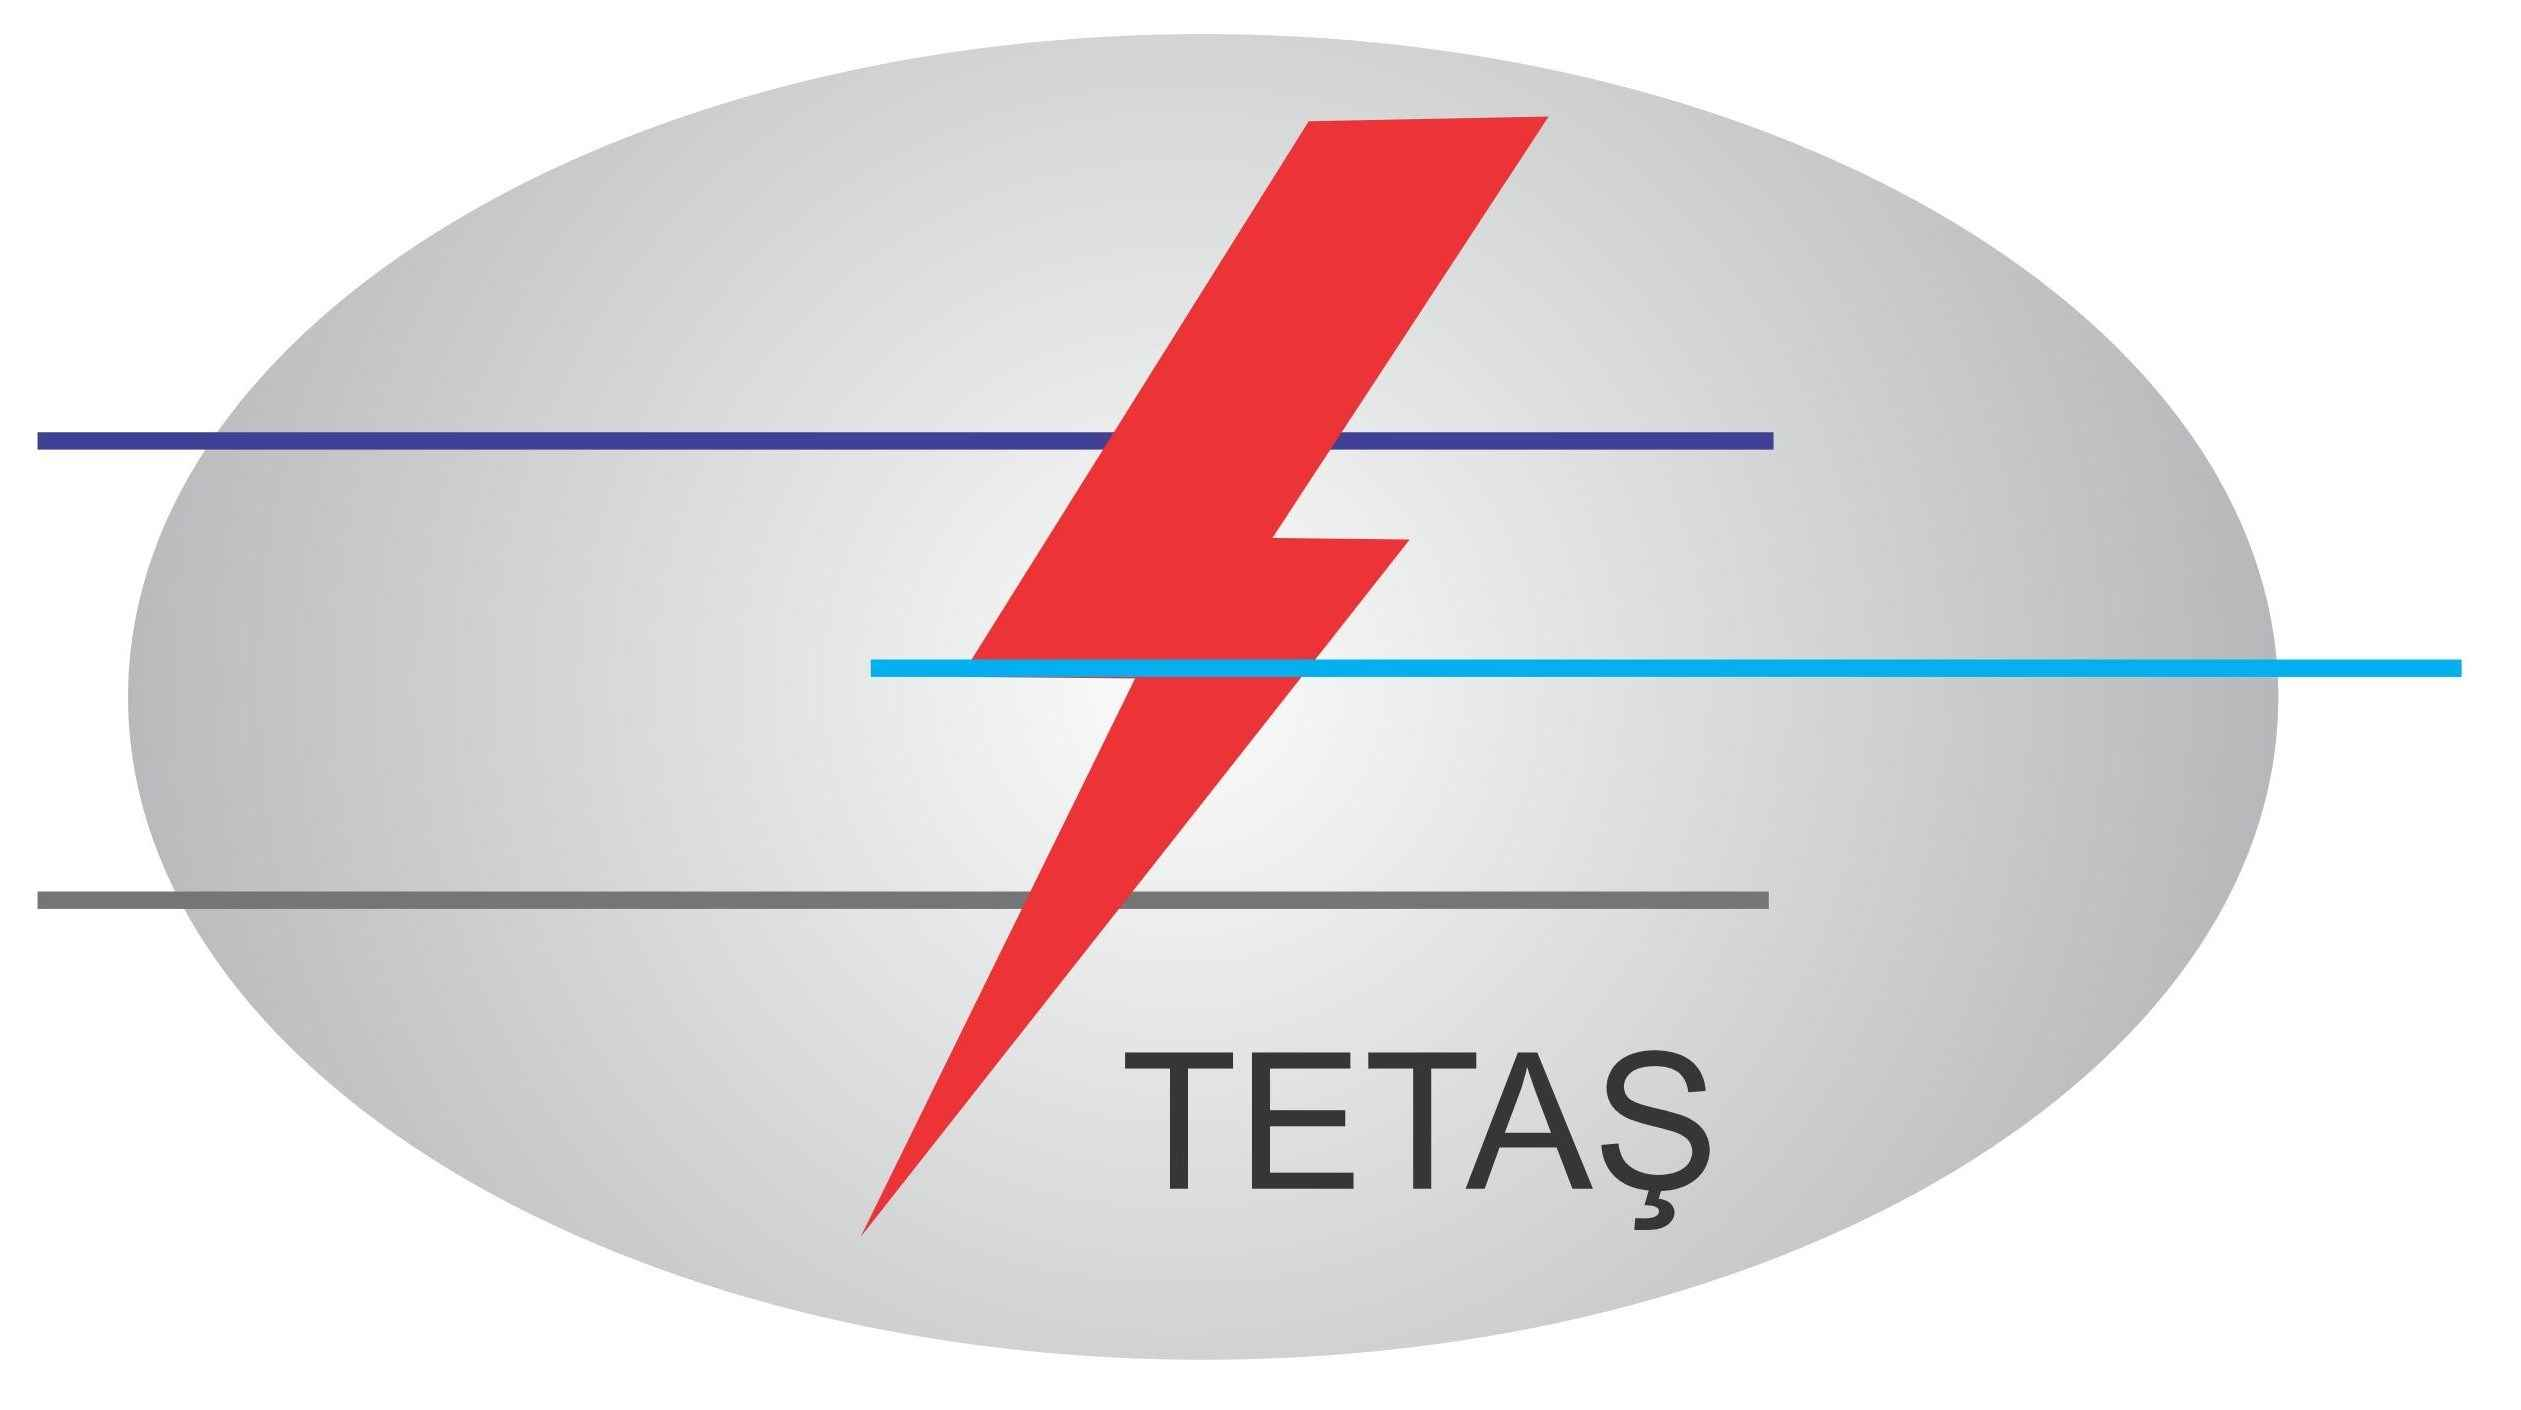 TETAŞ   Türkiye Elektrik Ticaret ve Taahhüt A.Ş. Genel Müdürlüğü Vektörel Logosu [EPS File] png